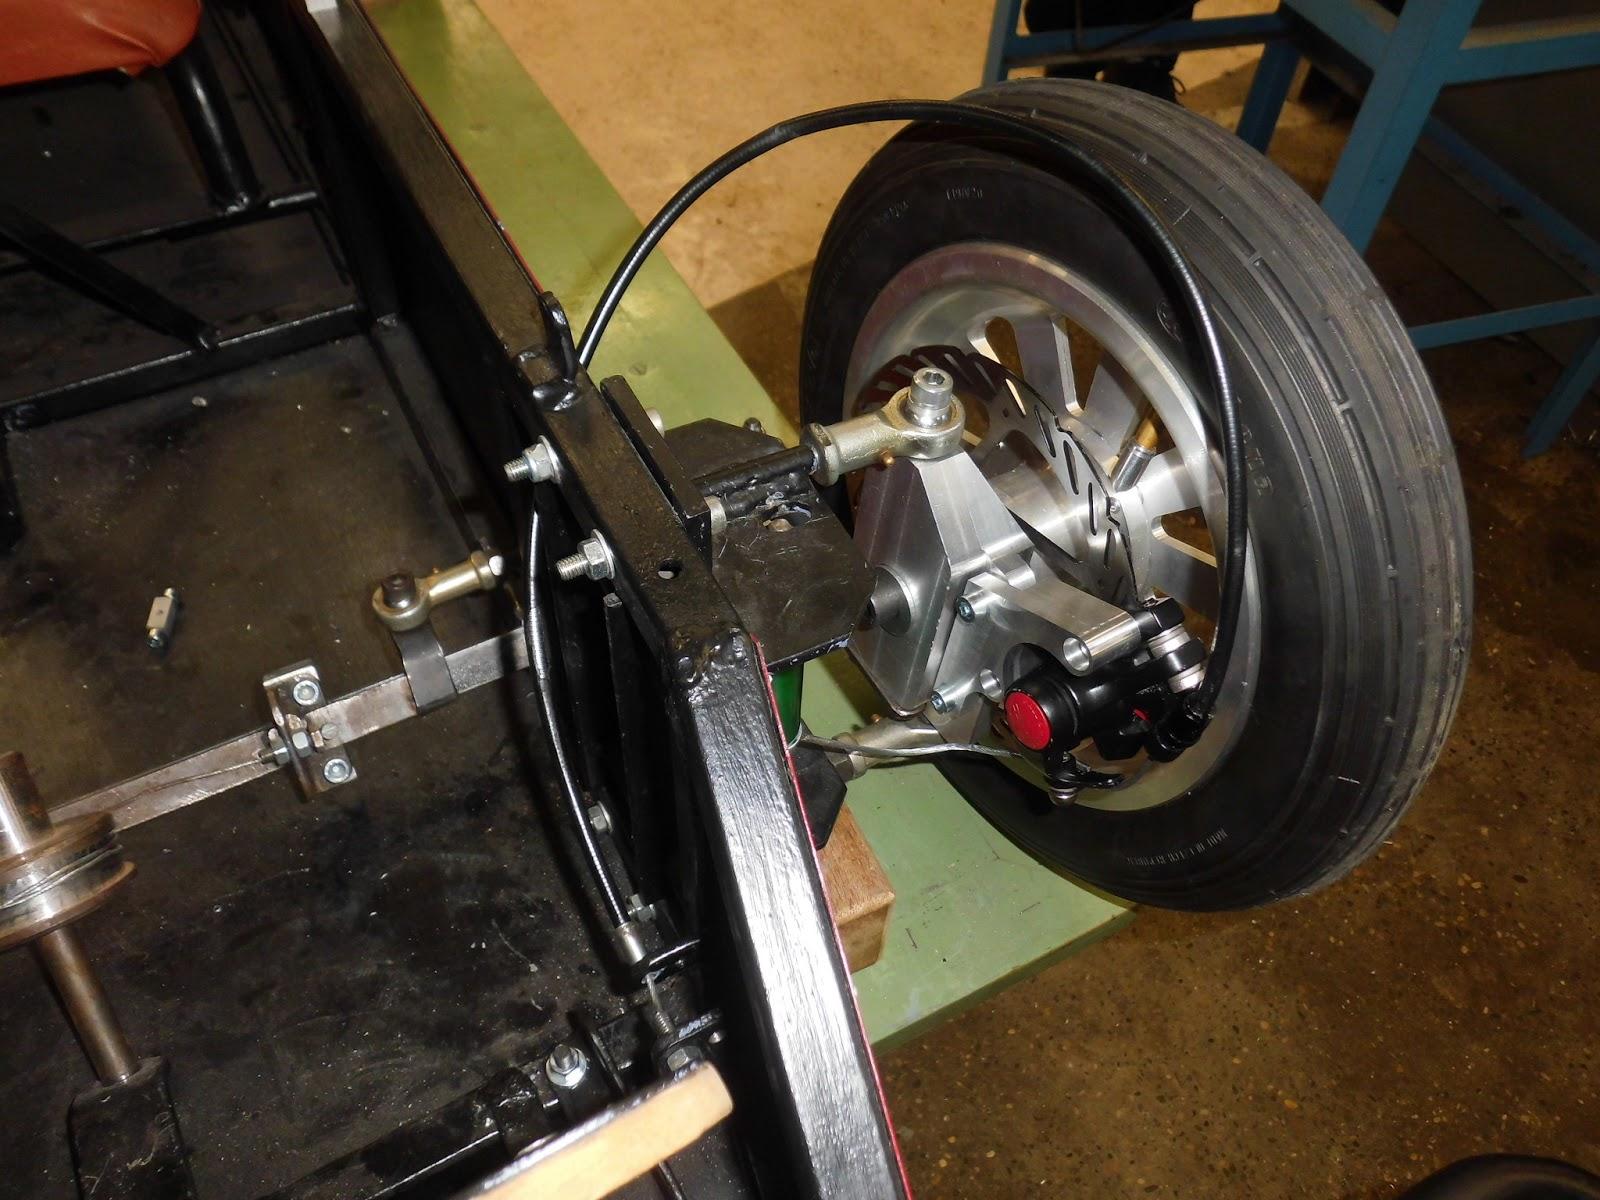 La caisse savon ismgg bac t u fixation trier de frein - Comment fabriquer une caisse a savon facilement ...